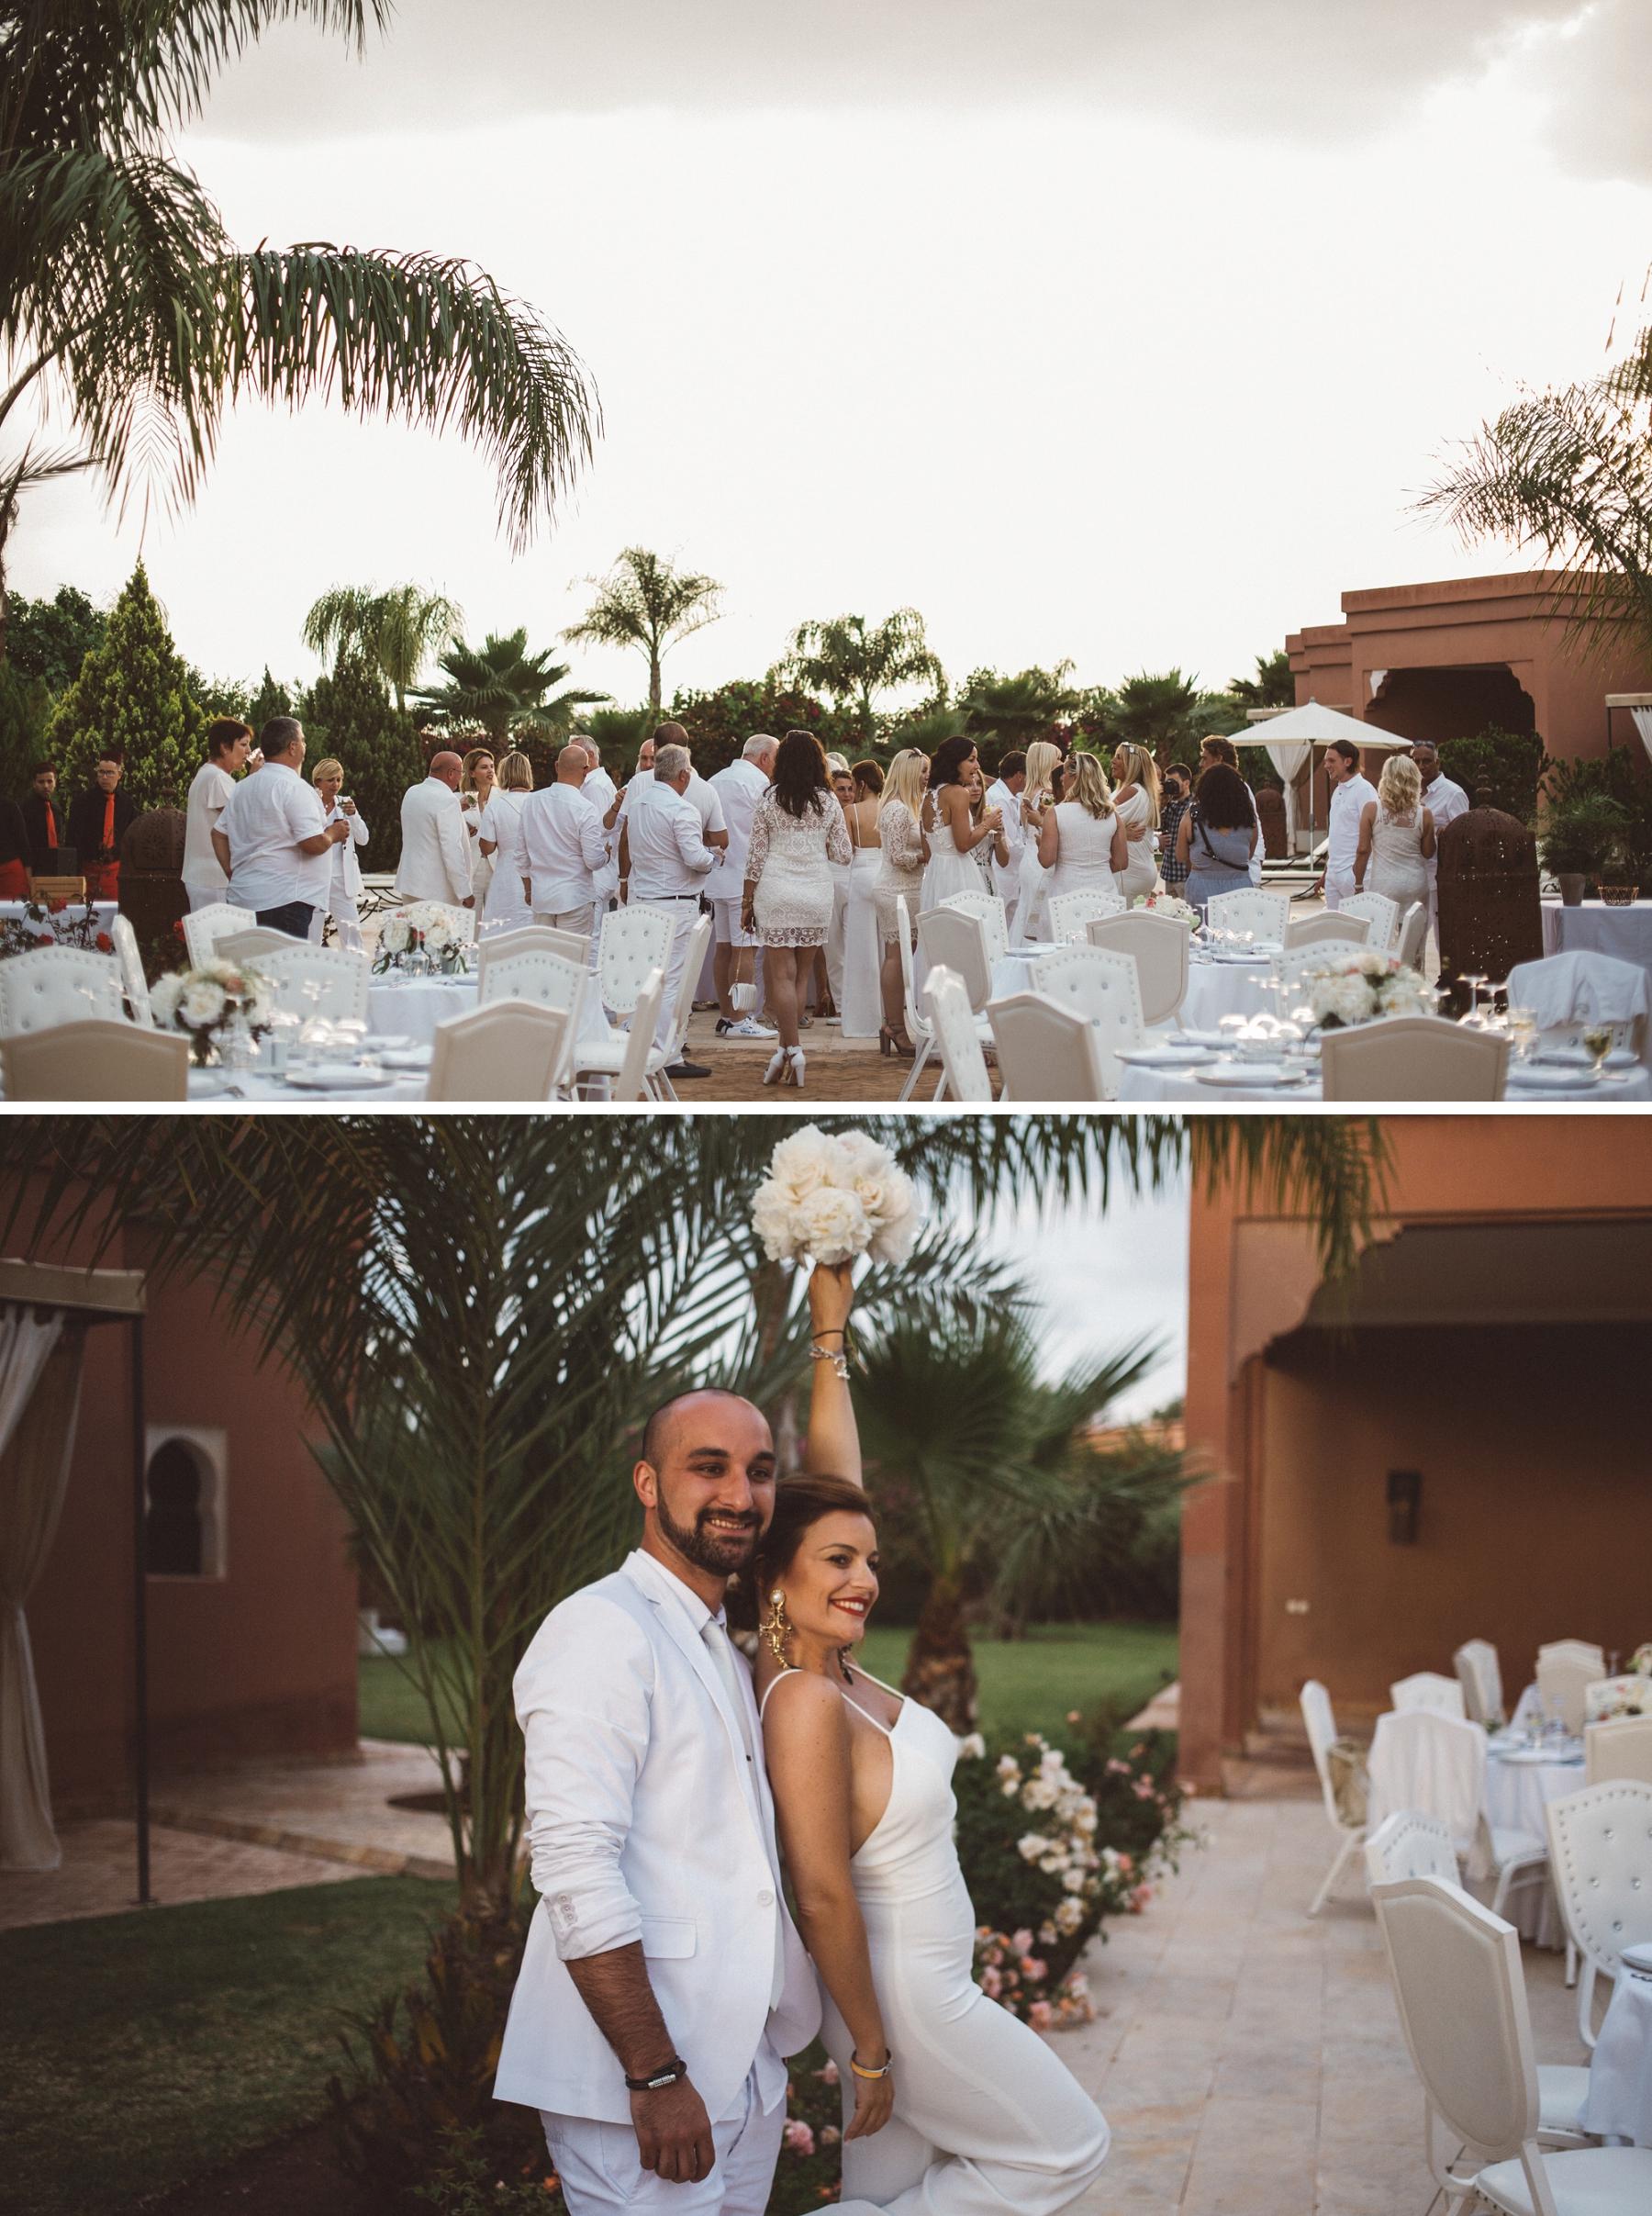 mariage-riad-marrakech-32.jpg